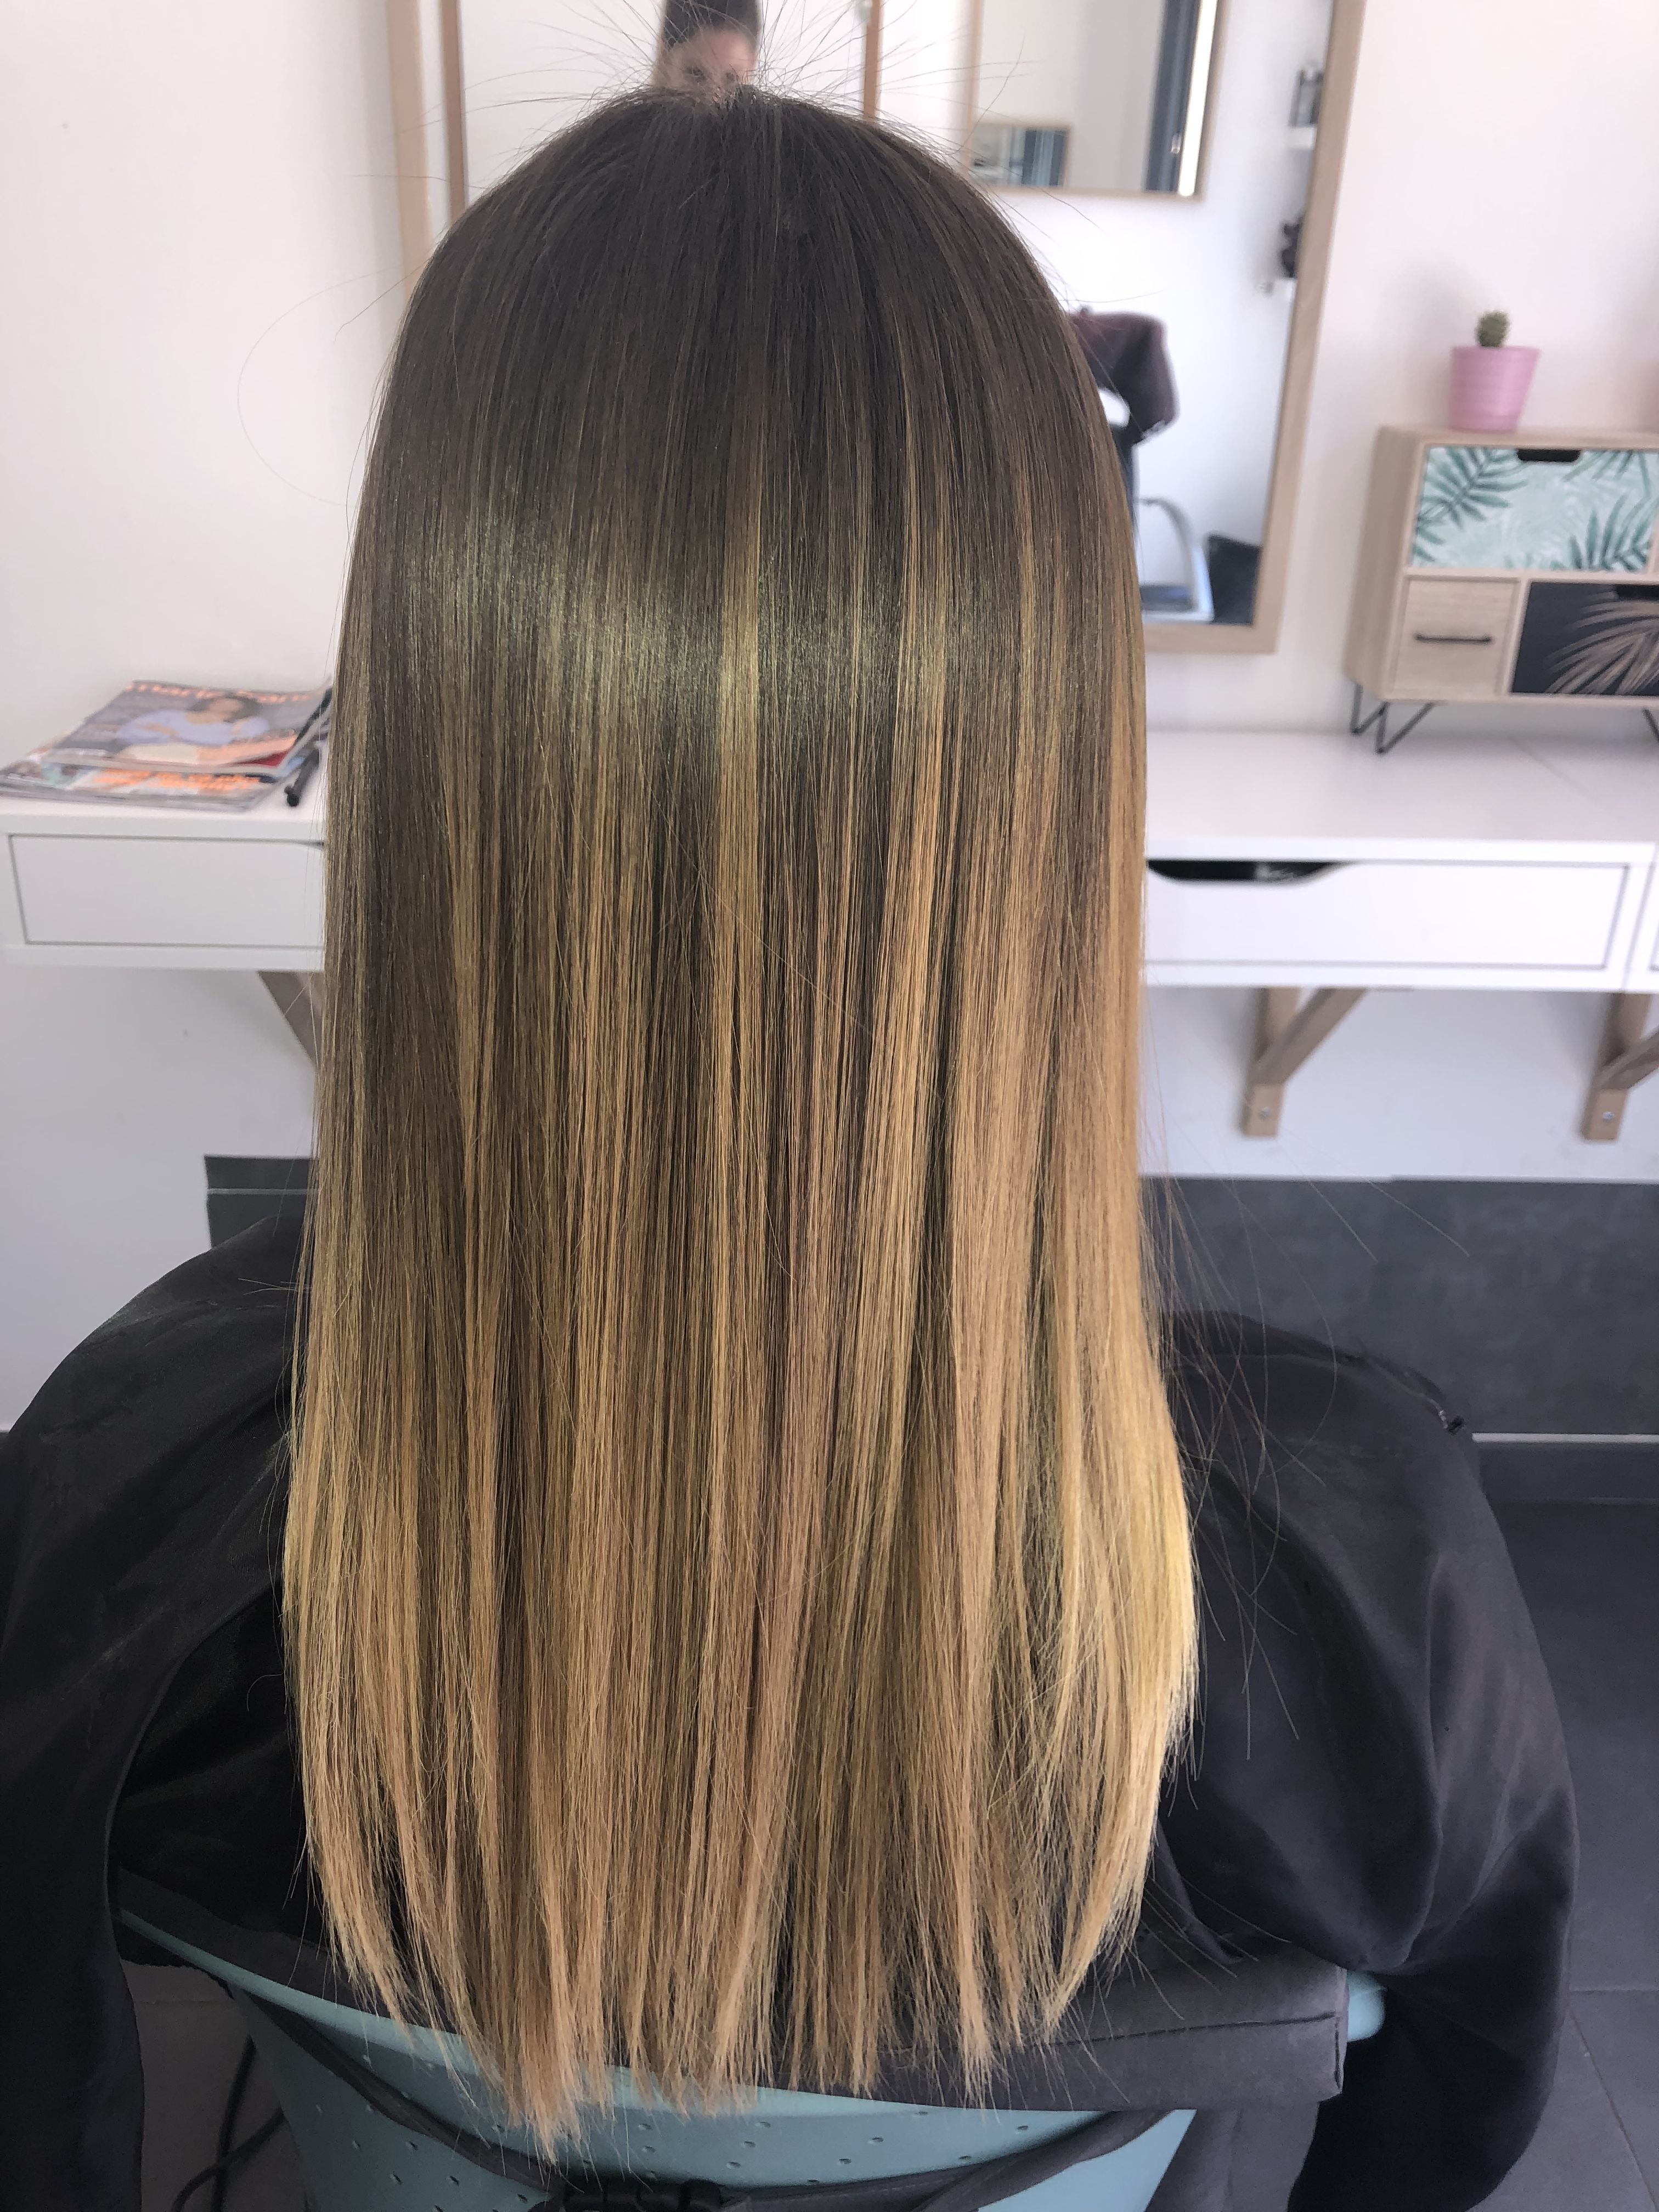 Cheveux Lisses Et Brillants Avec Coco Spray Cheveux Lisse Cheveux Idees Cheveux Longs